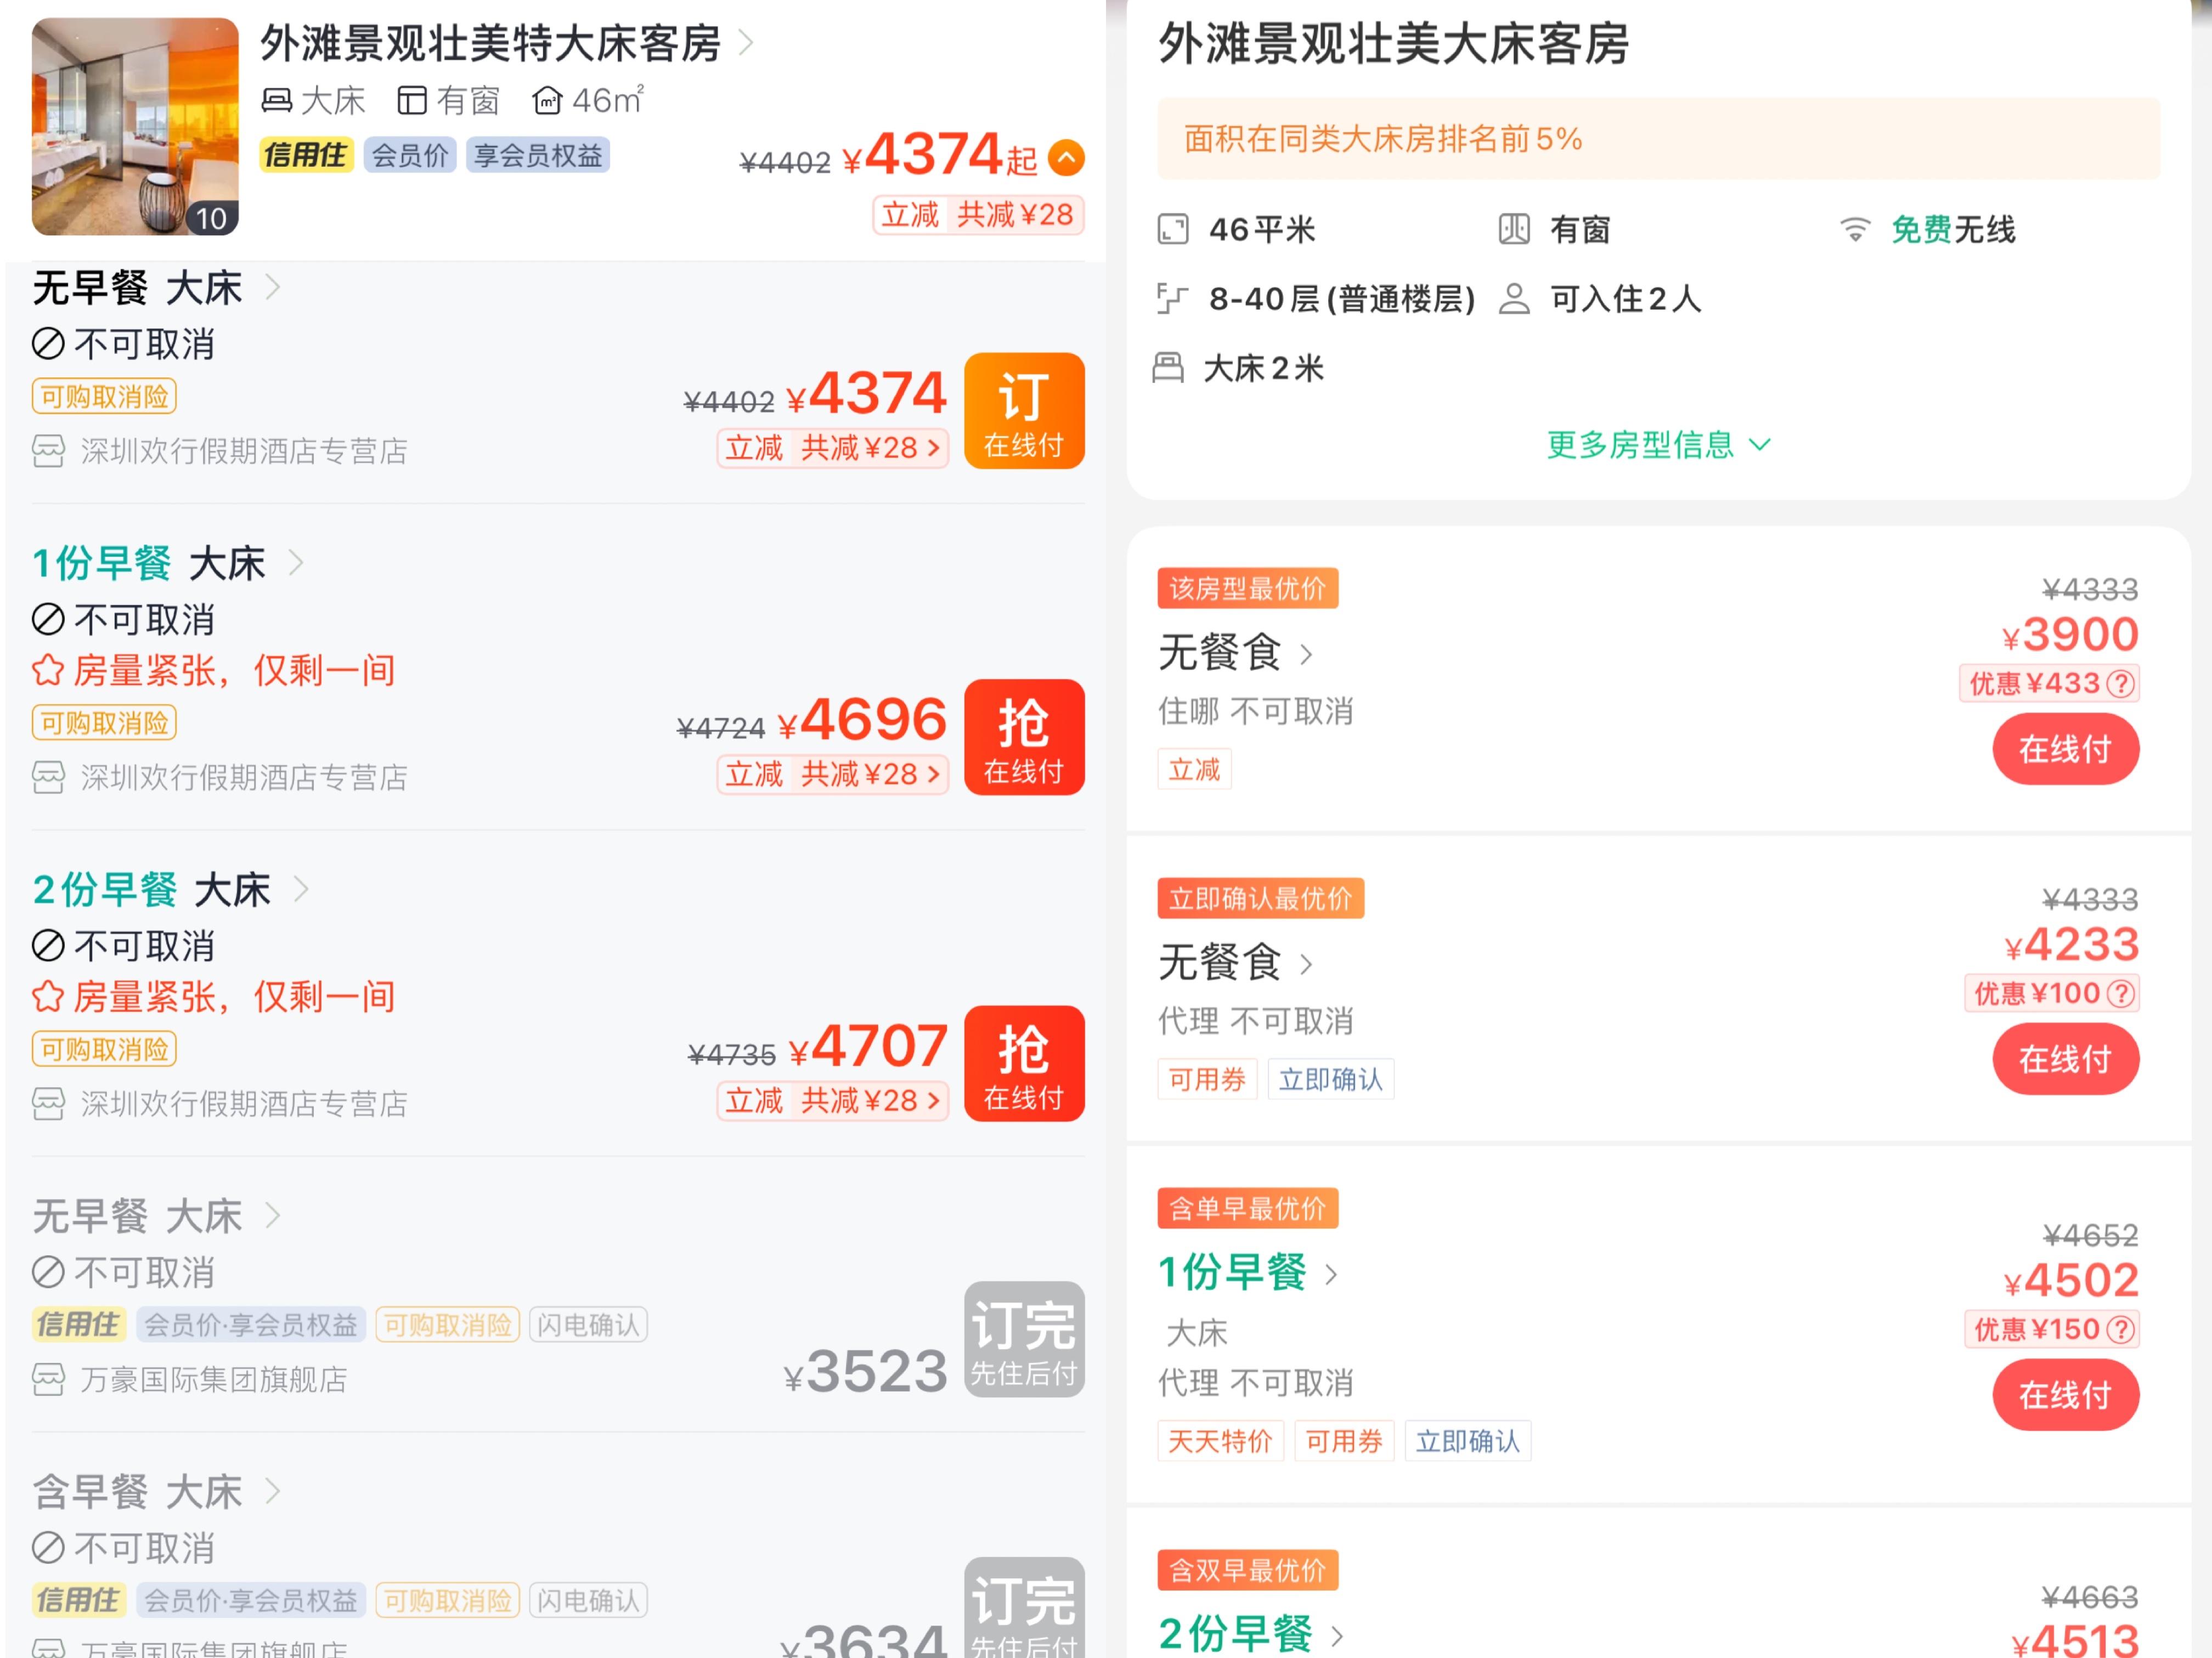 7月2日上午显示的上海外滩W酒店外滩景观壮美客房预订价格截图,从左至右分别为:飞猪、同程。